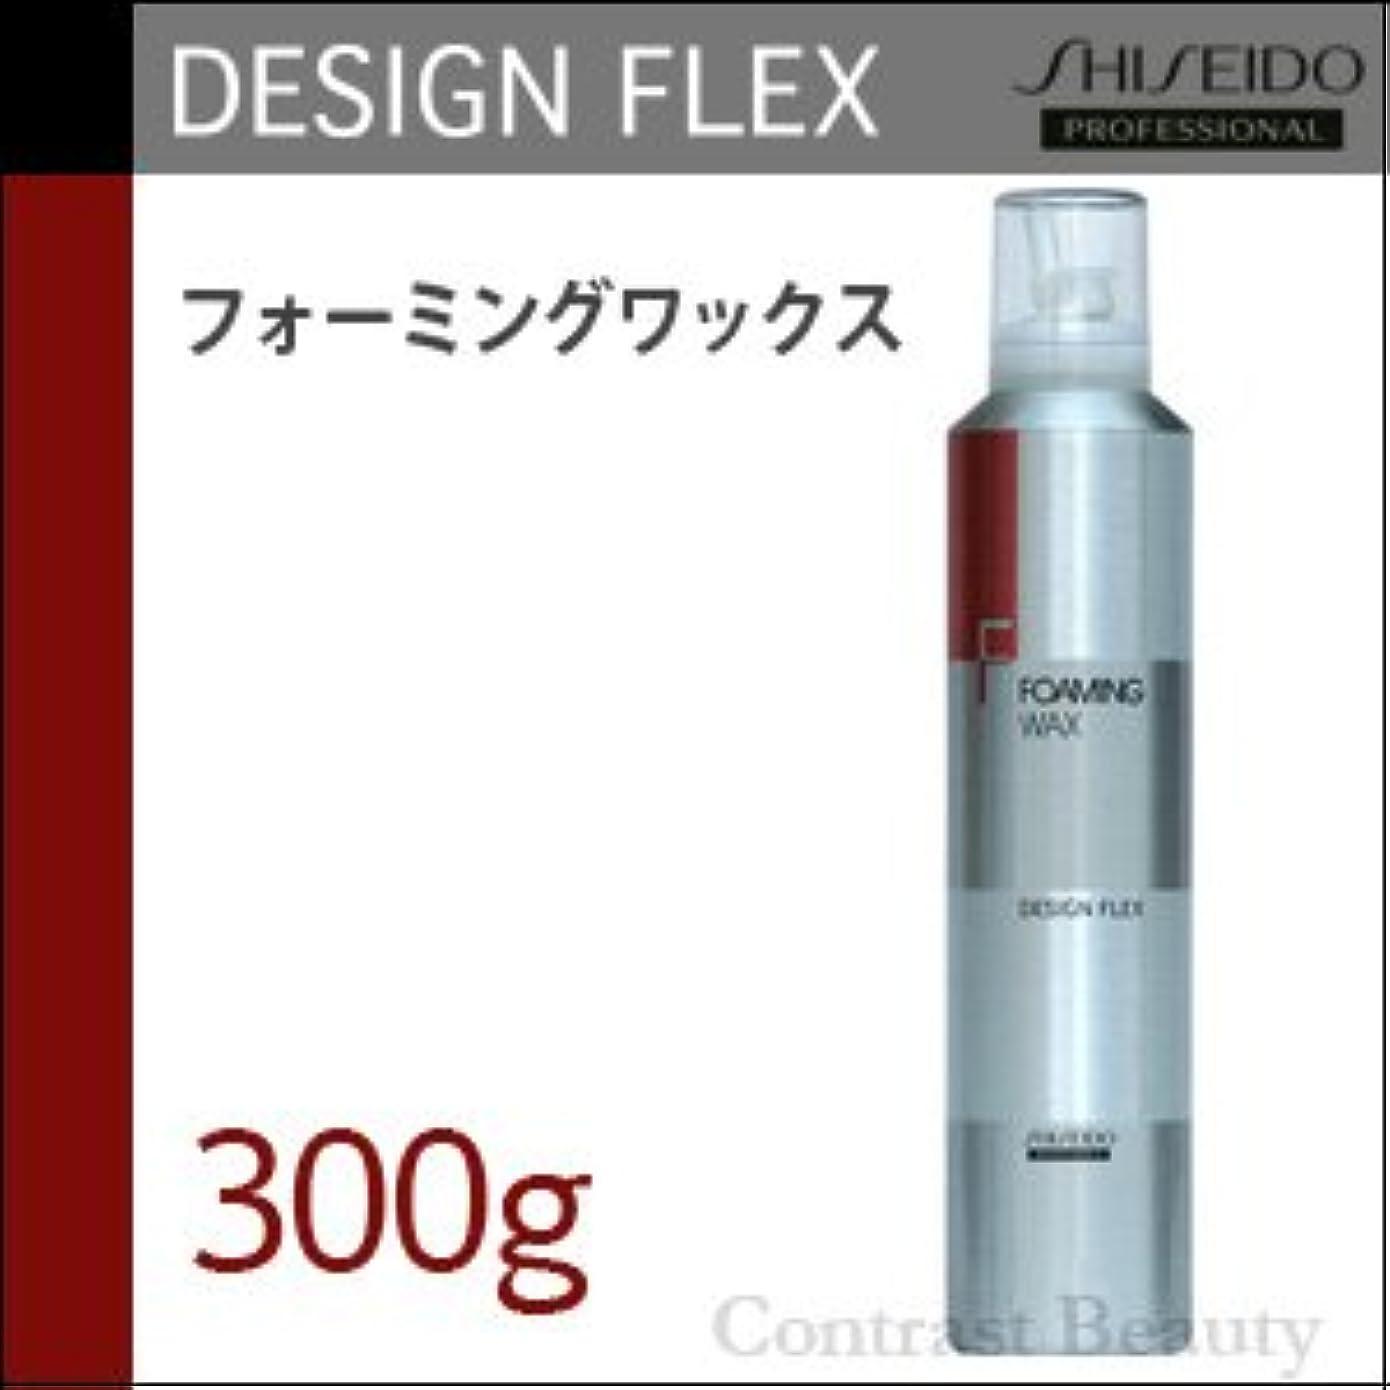 メンター畝間害虫【x2個セット】 資生堂 デザインフレックス フォーミングワックス 300g